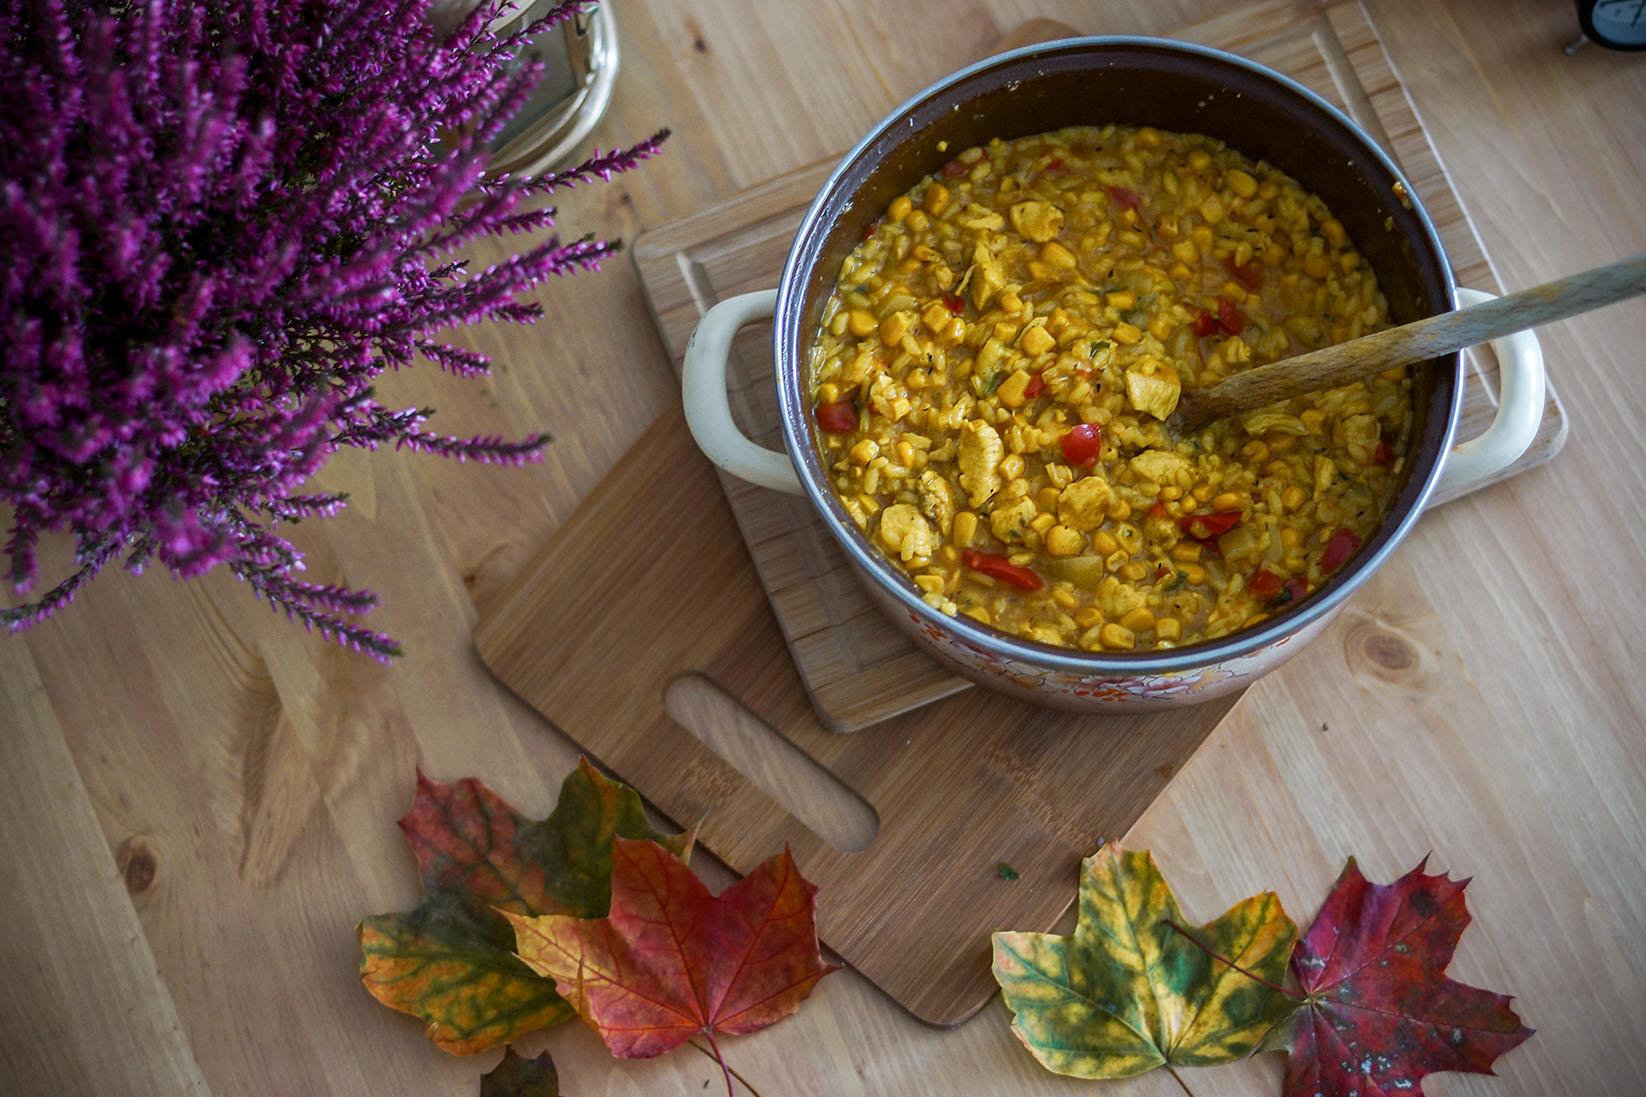 jesienne-risotto-kurczakiem-warzywami-parmezanem